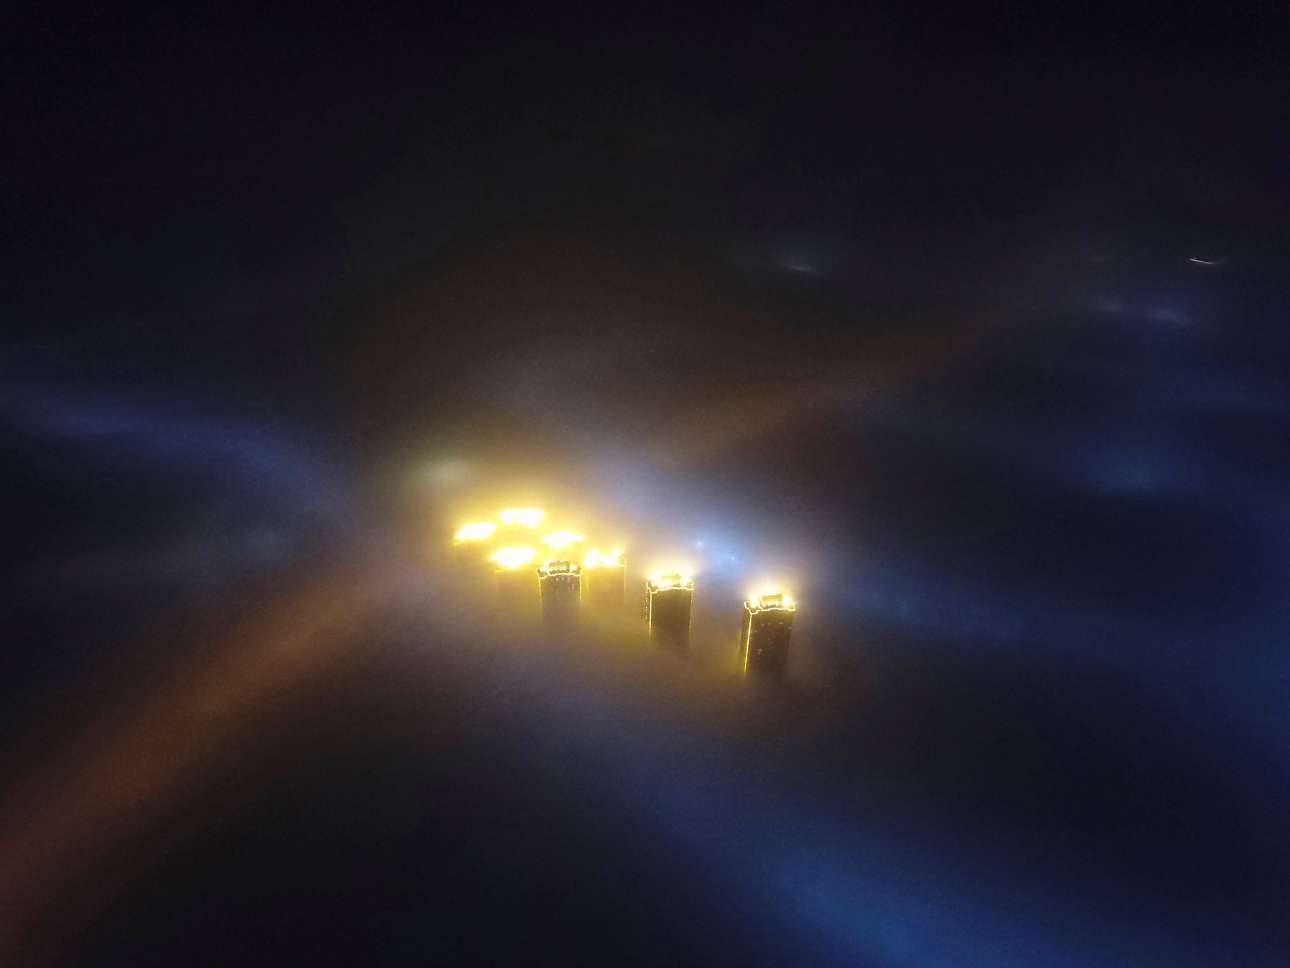 Σκοτάδι και ομίχλη πέφτει πάνω από τη πόλη Τιαντζίν, στα βορειοανατολικά της Κίνας